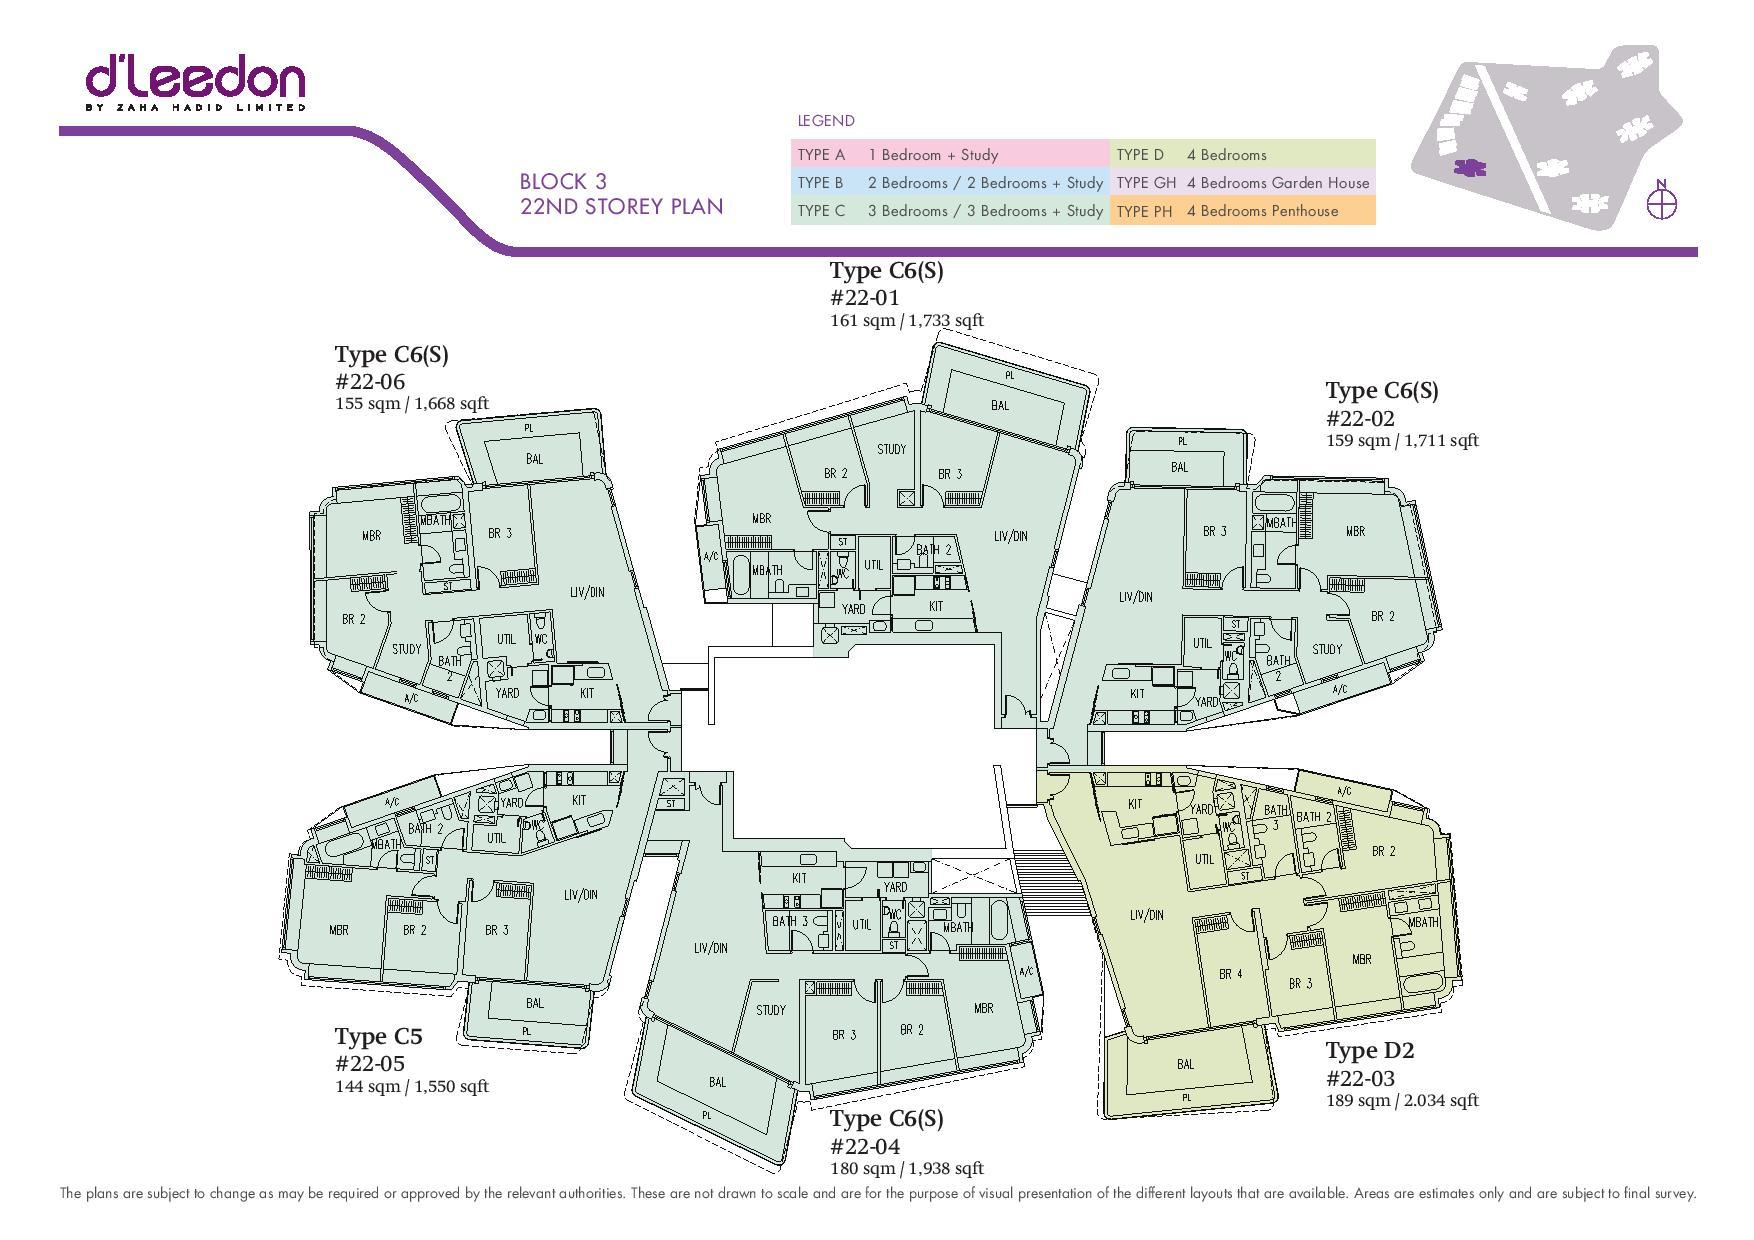 D'Leedon Block 22nd Storey Floor Plans